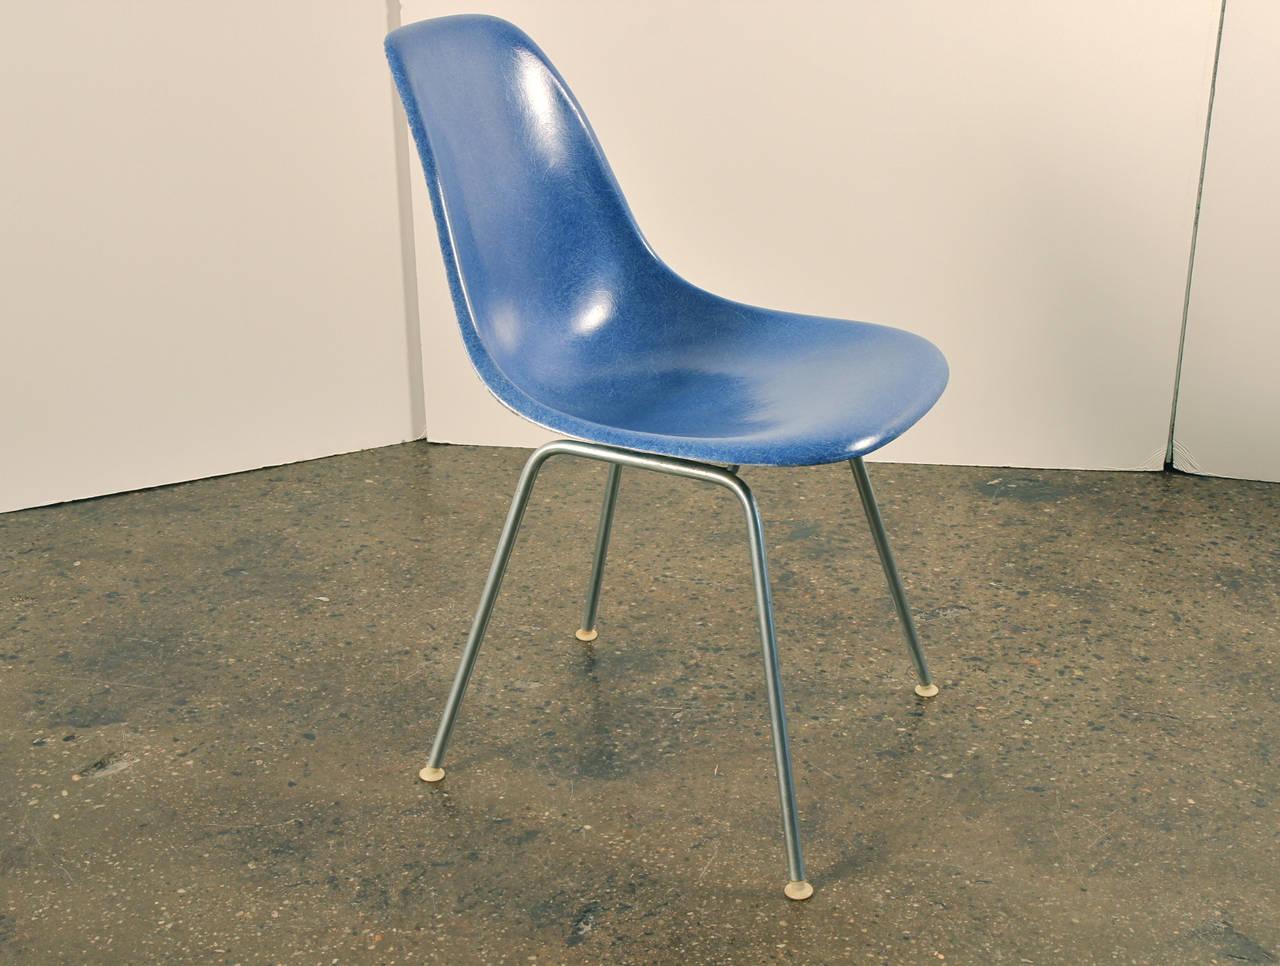 fiberglass shell chair beatrix navy velvet side 8 eames herman miller chairs blue at 1stdibs